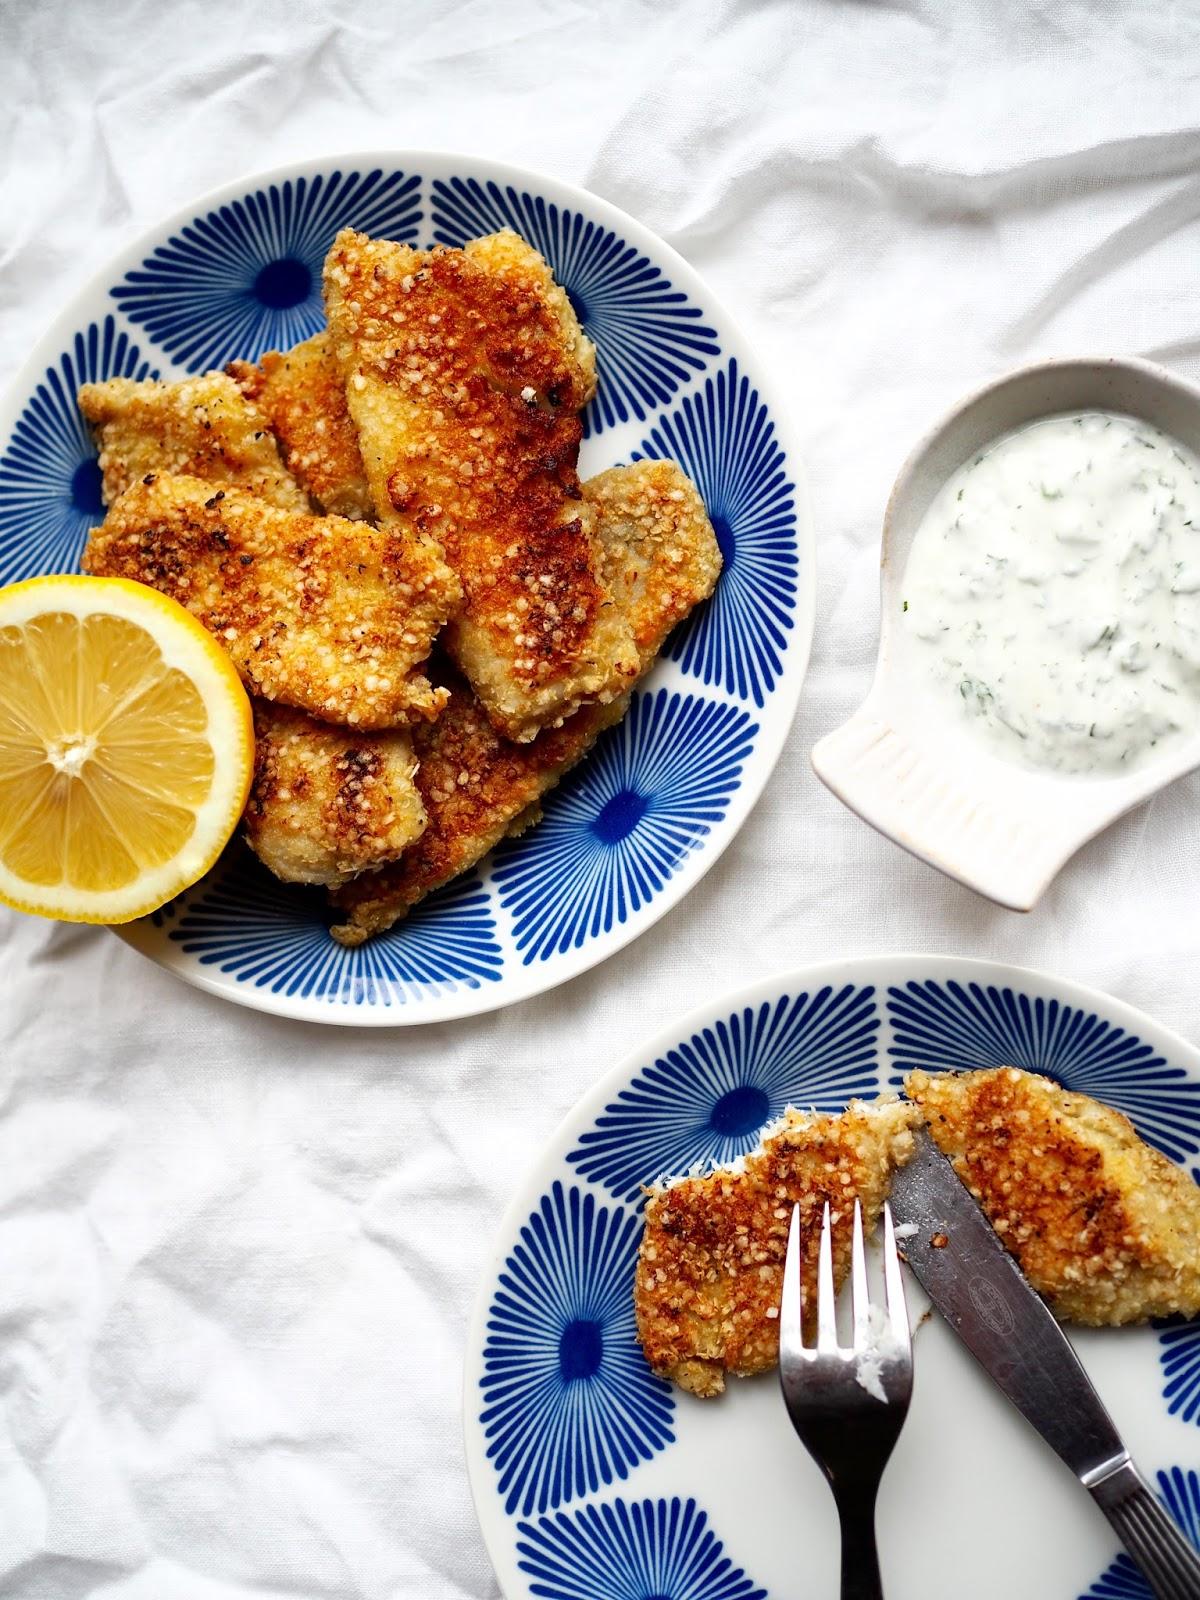 gluteeniton leivittäminen, itsetehdyt kalapuikot, kalapuikot, kalan leivittäminen, leivitetty kala